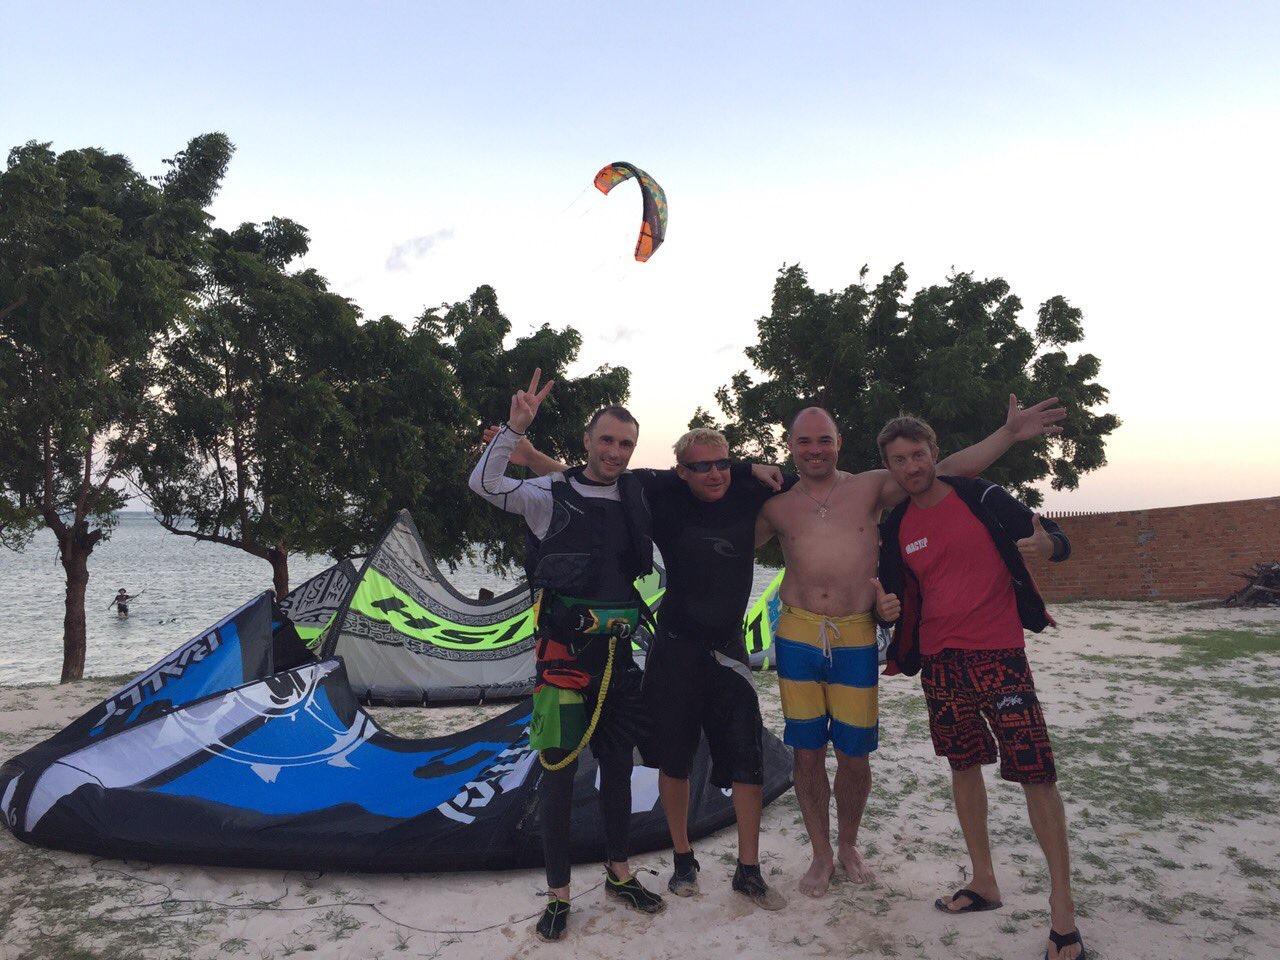 кайтсерфинг в фанганге kitesurfing vietnam nha trang